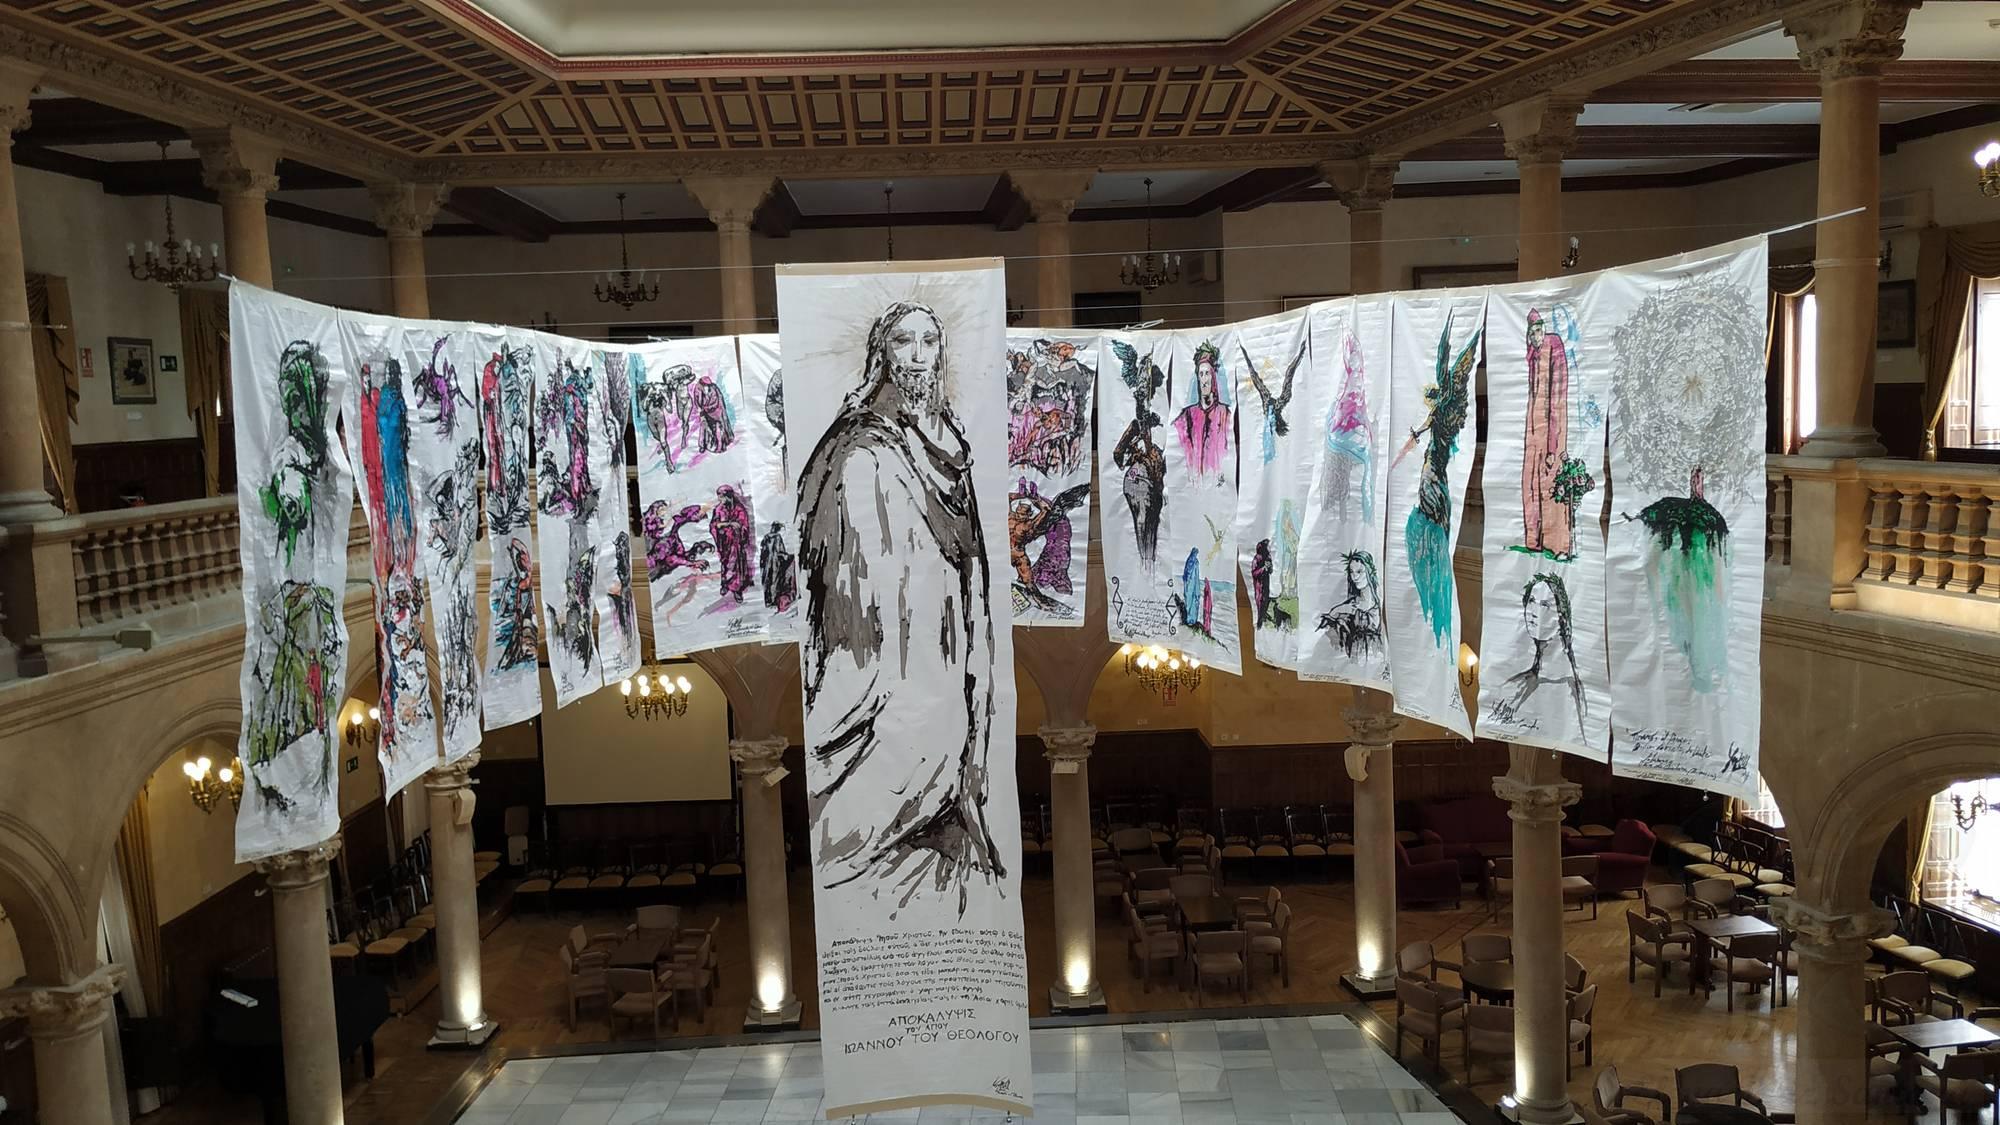 Visita a la exposición: Travesía al paraíso @ Casino de Salamanca | Salamanca | Castilla y León | España